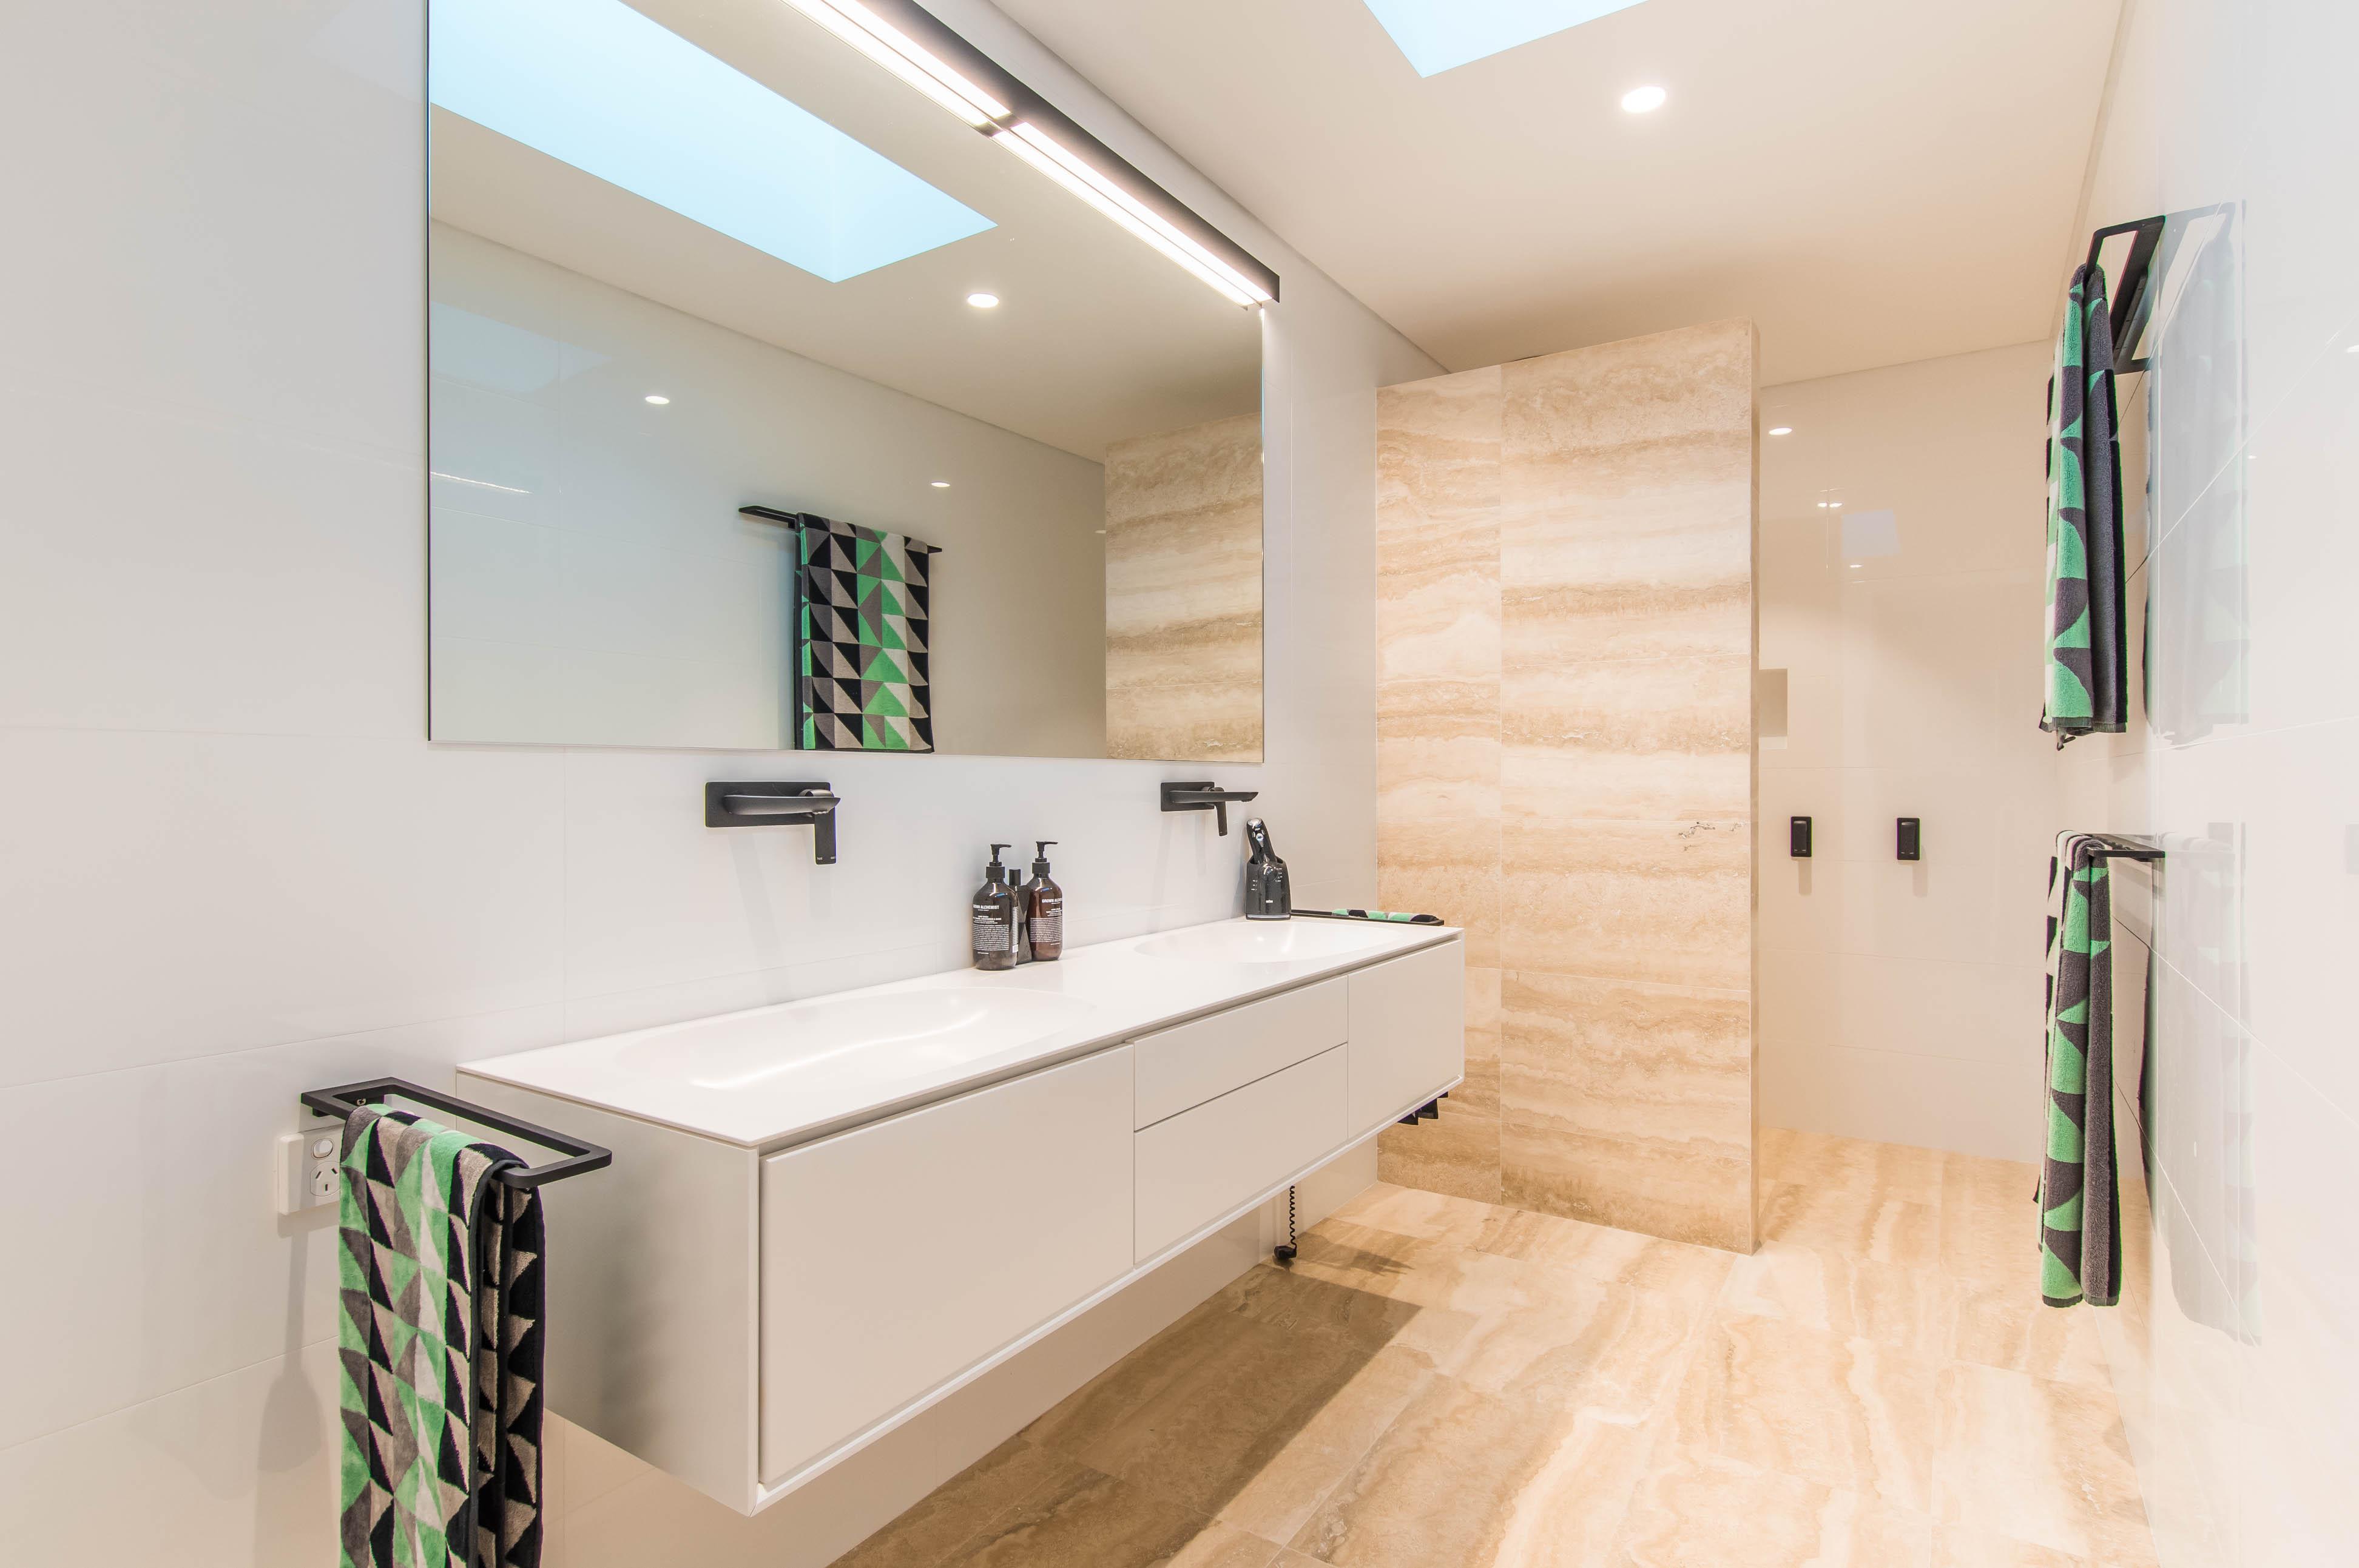 design-estate Perth real estate Claremont 15